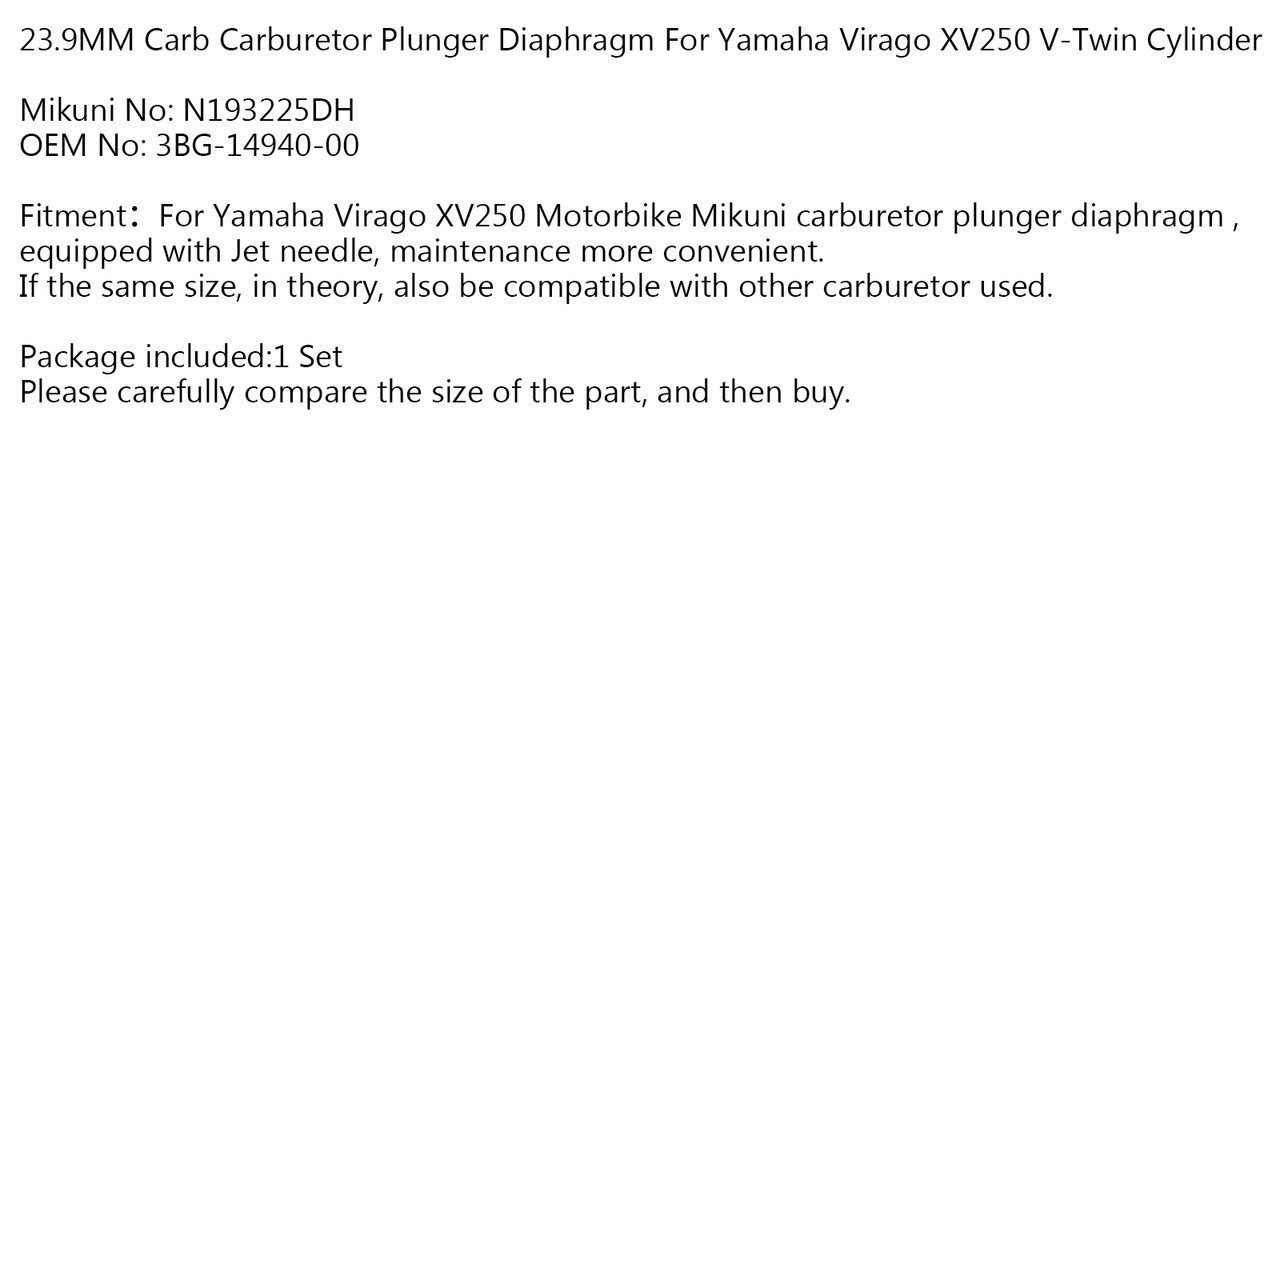 23.9MM Carb Carburetor Plunger Diaphragm For YM Virago XV250 V-Twin Cylinder